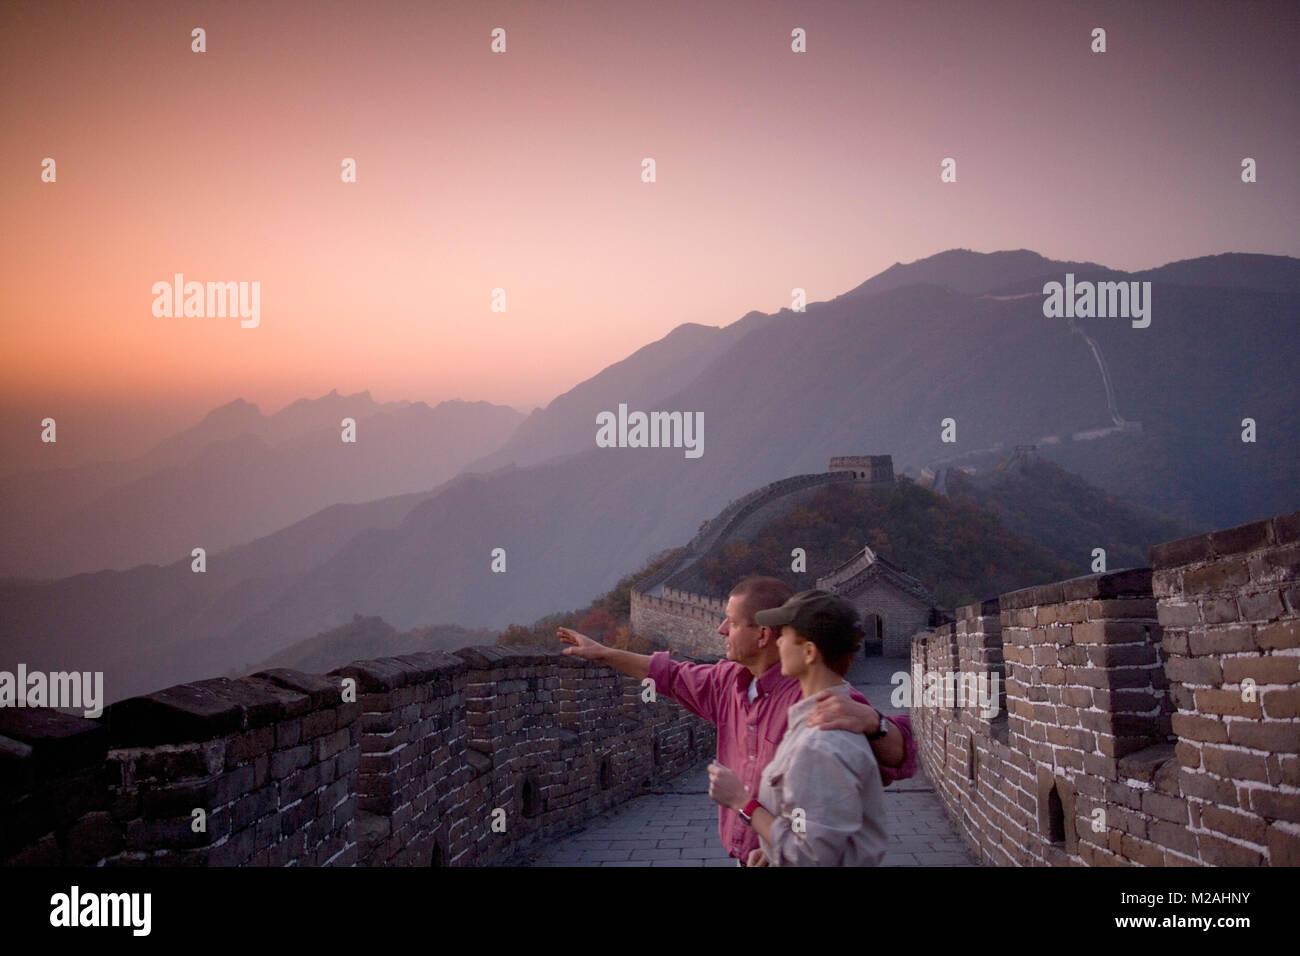 Cina. Mutianyu, nei pressi di Pechino. Il Grande Muro. UNESCO - Sito Patrimonio dell'umanità. I turisti. Foto Stock